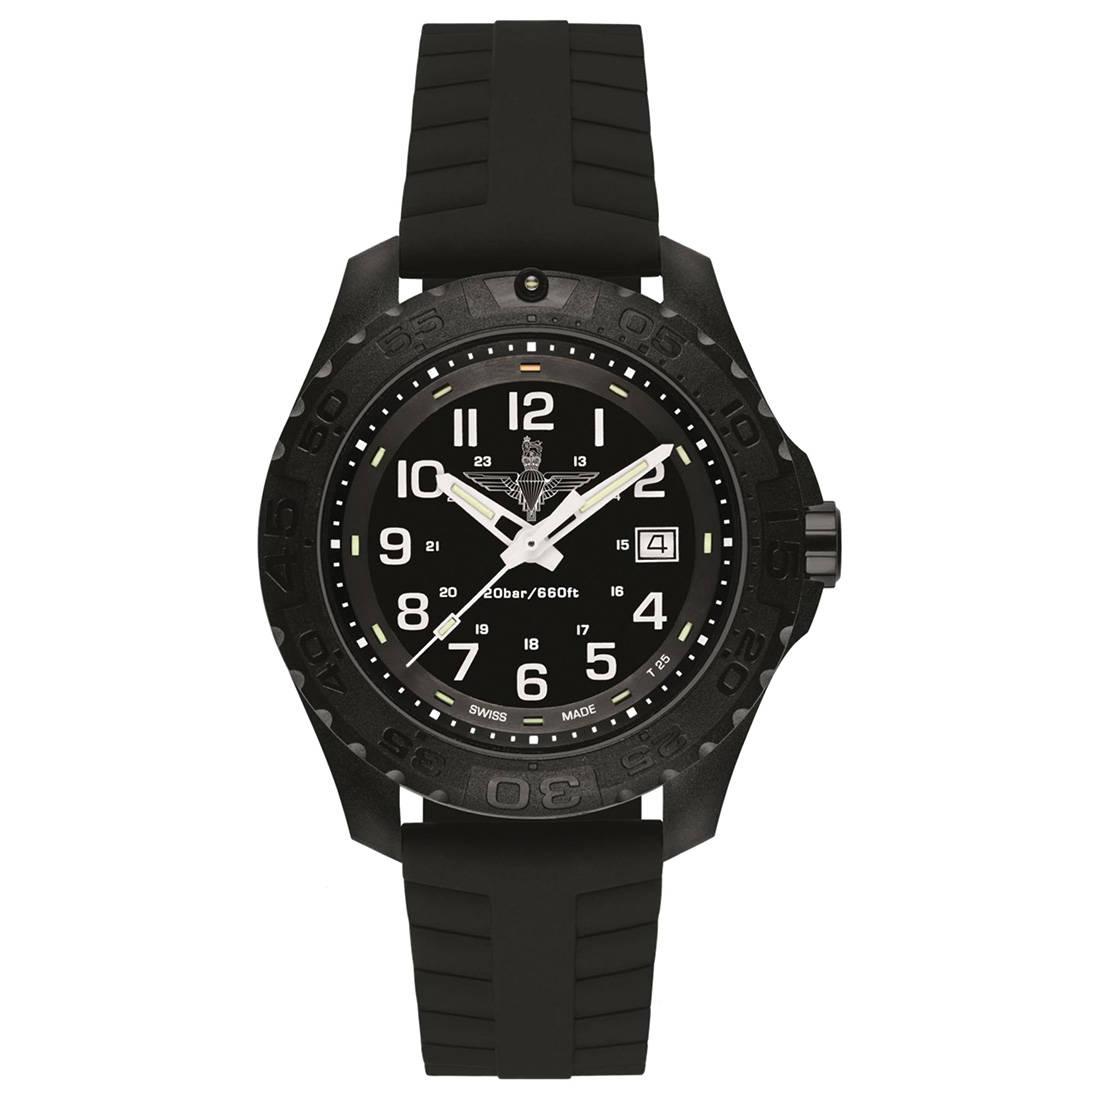 Outdoor Pioneer Watch - Para Edition